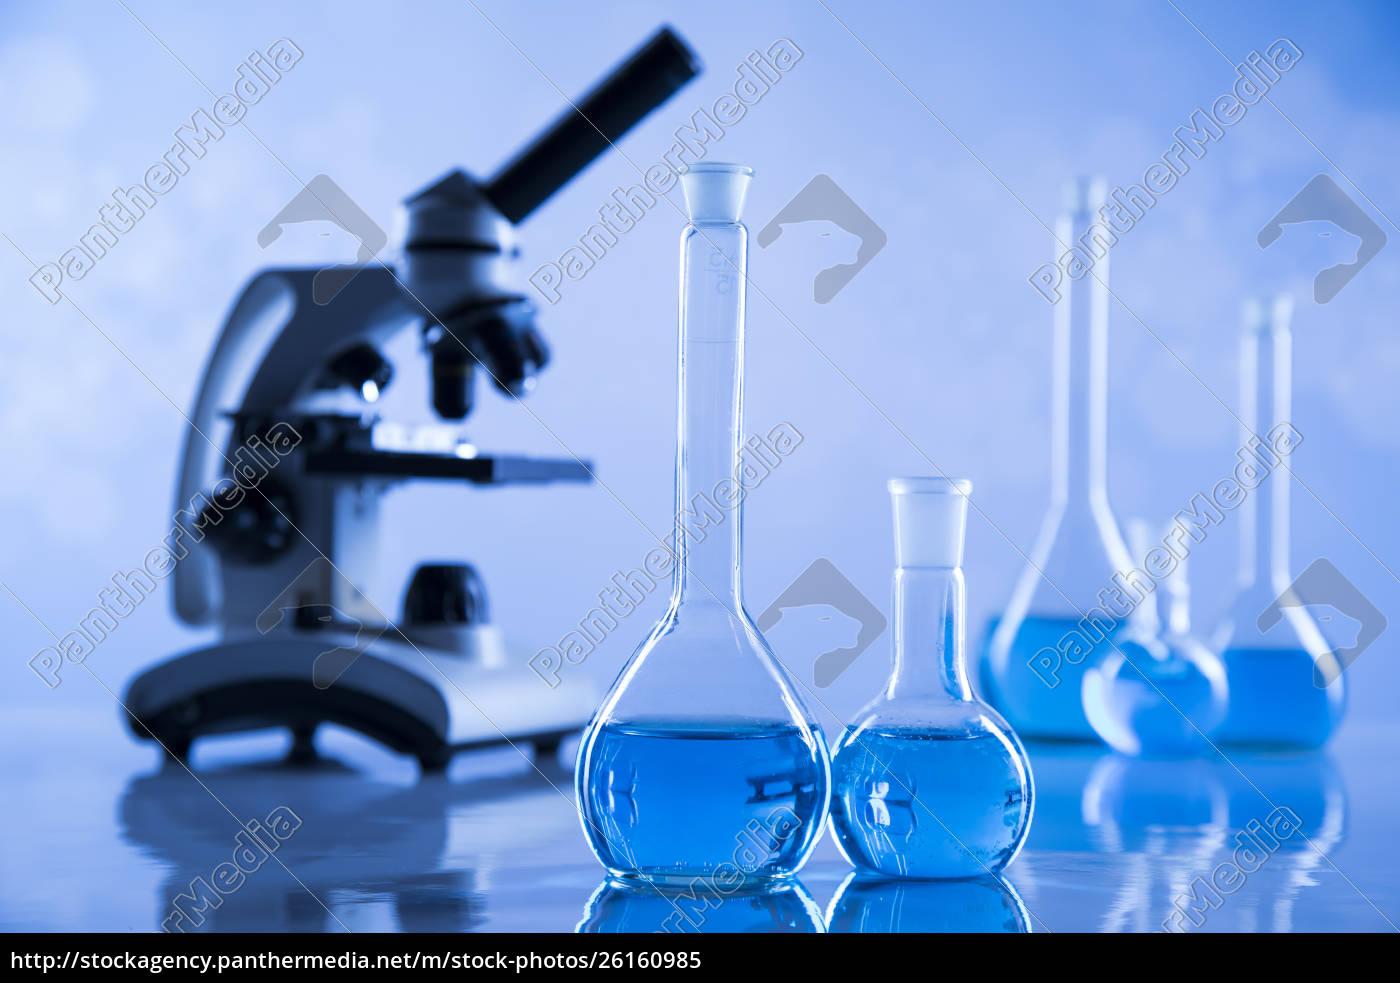 entwicklung, wissenschaftliche, glaswaren, für, chemische, experimente - 26160985